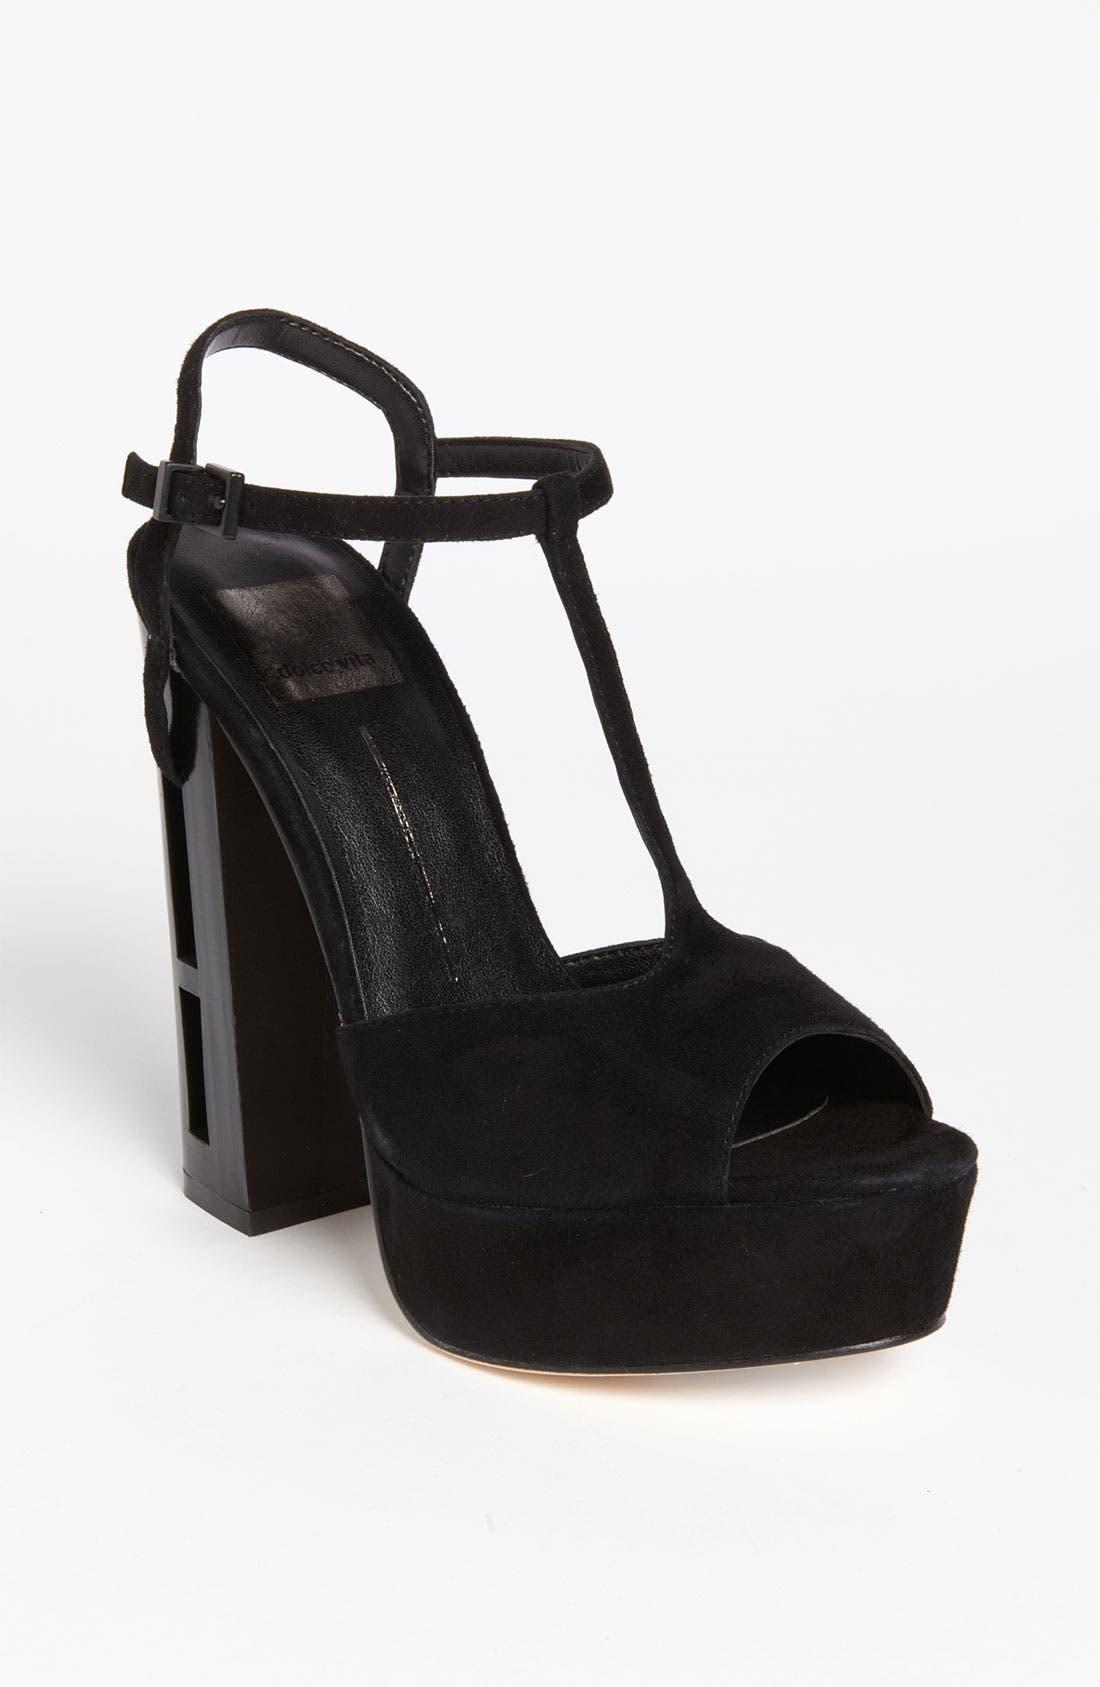 Main Image - Dolce Vita 'Jenna' Platform Sandal